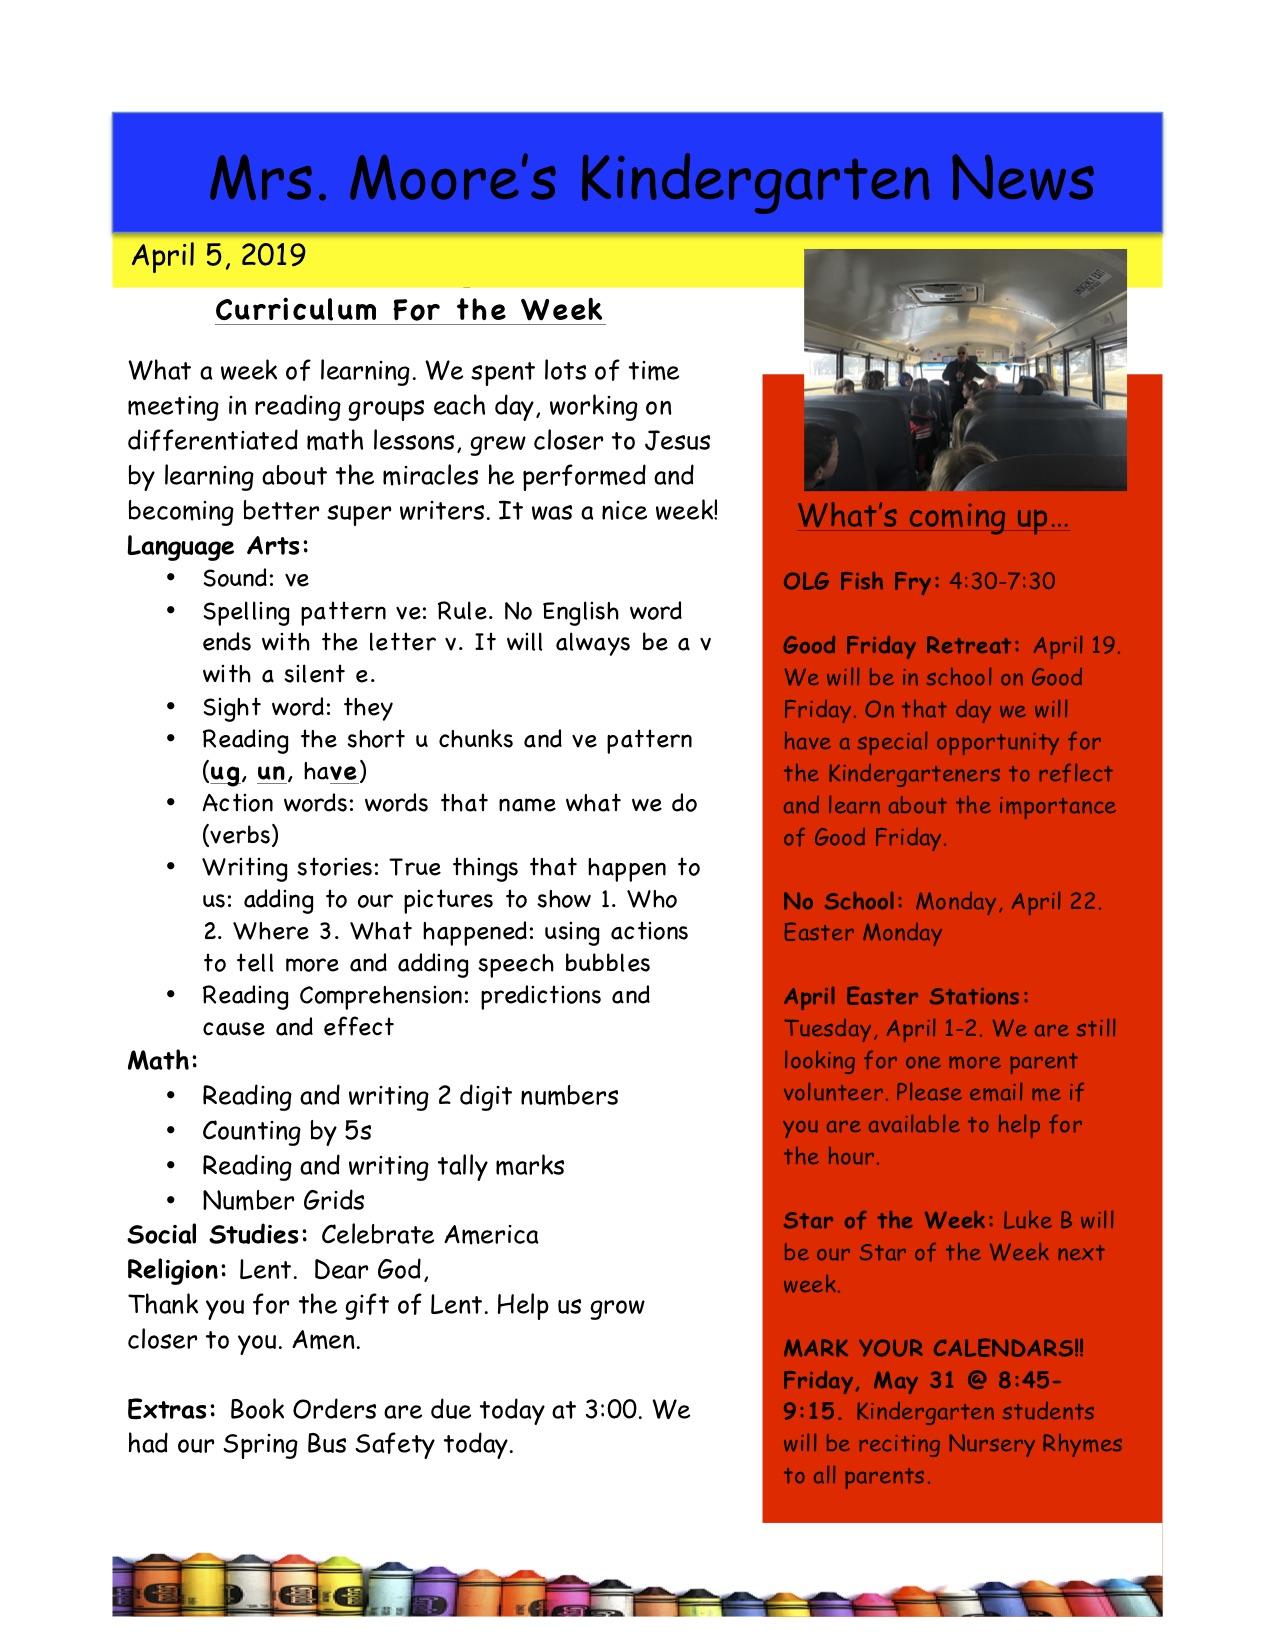 MooreNewsletter Week 4-1-19.jpg